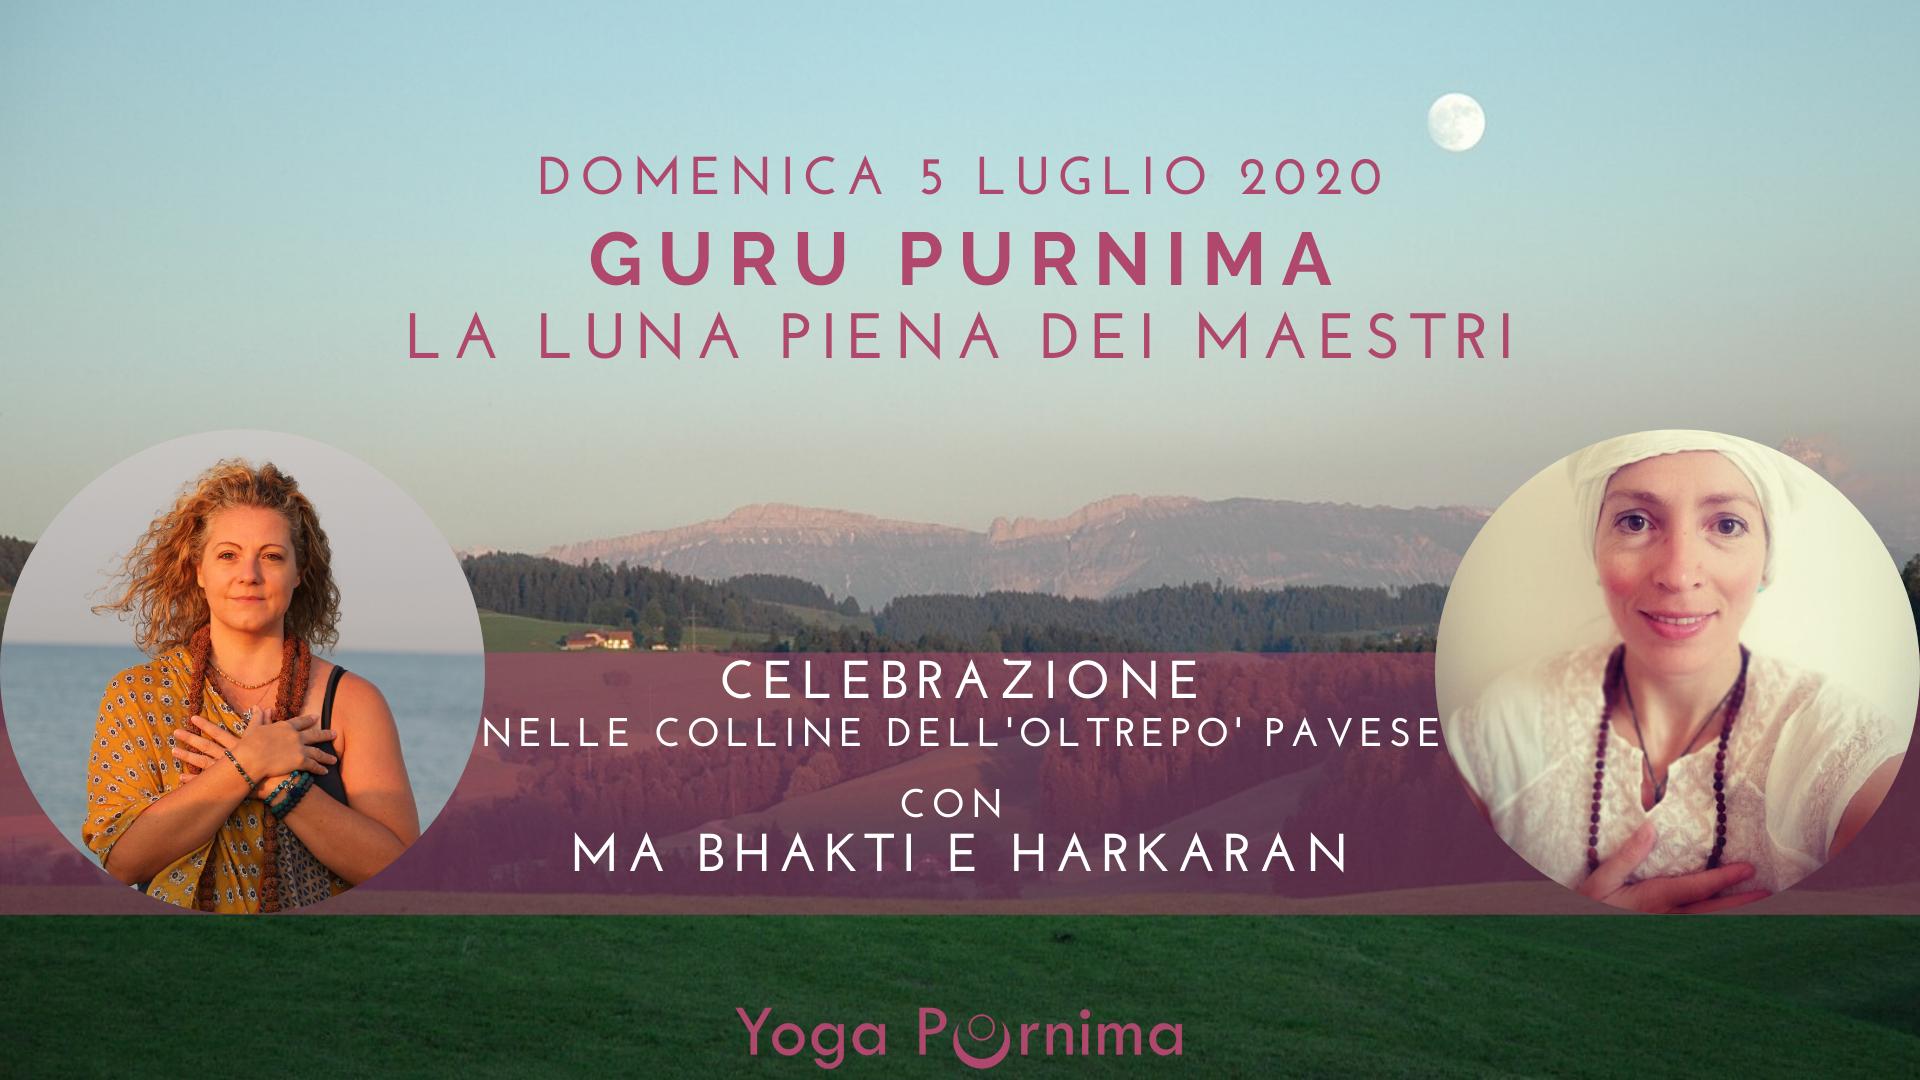 Guru Purnima Yoga Purnima Pavia